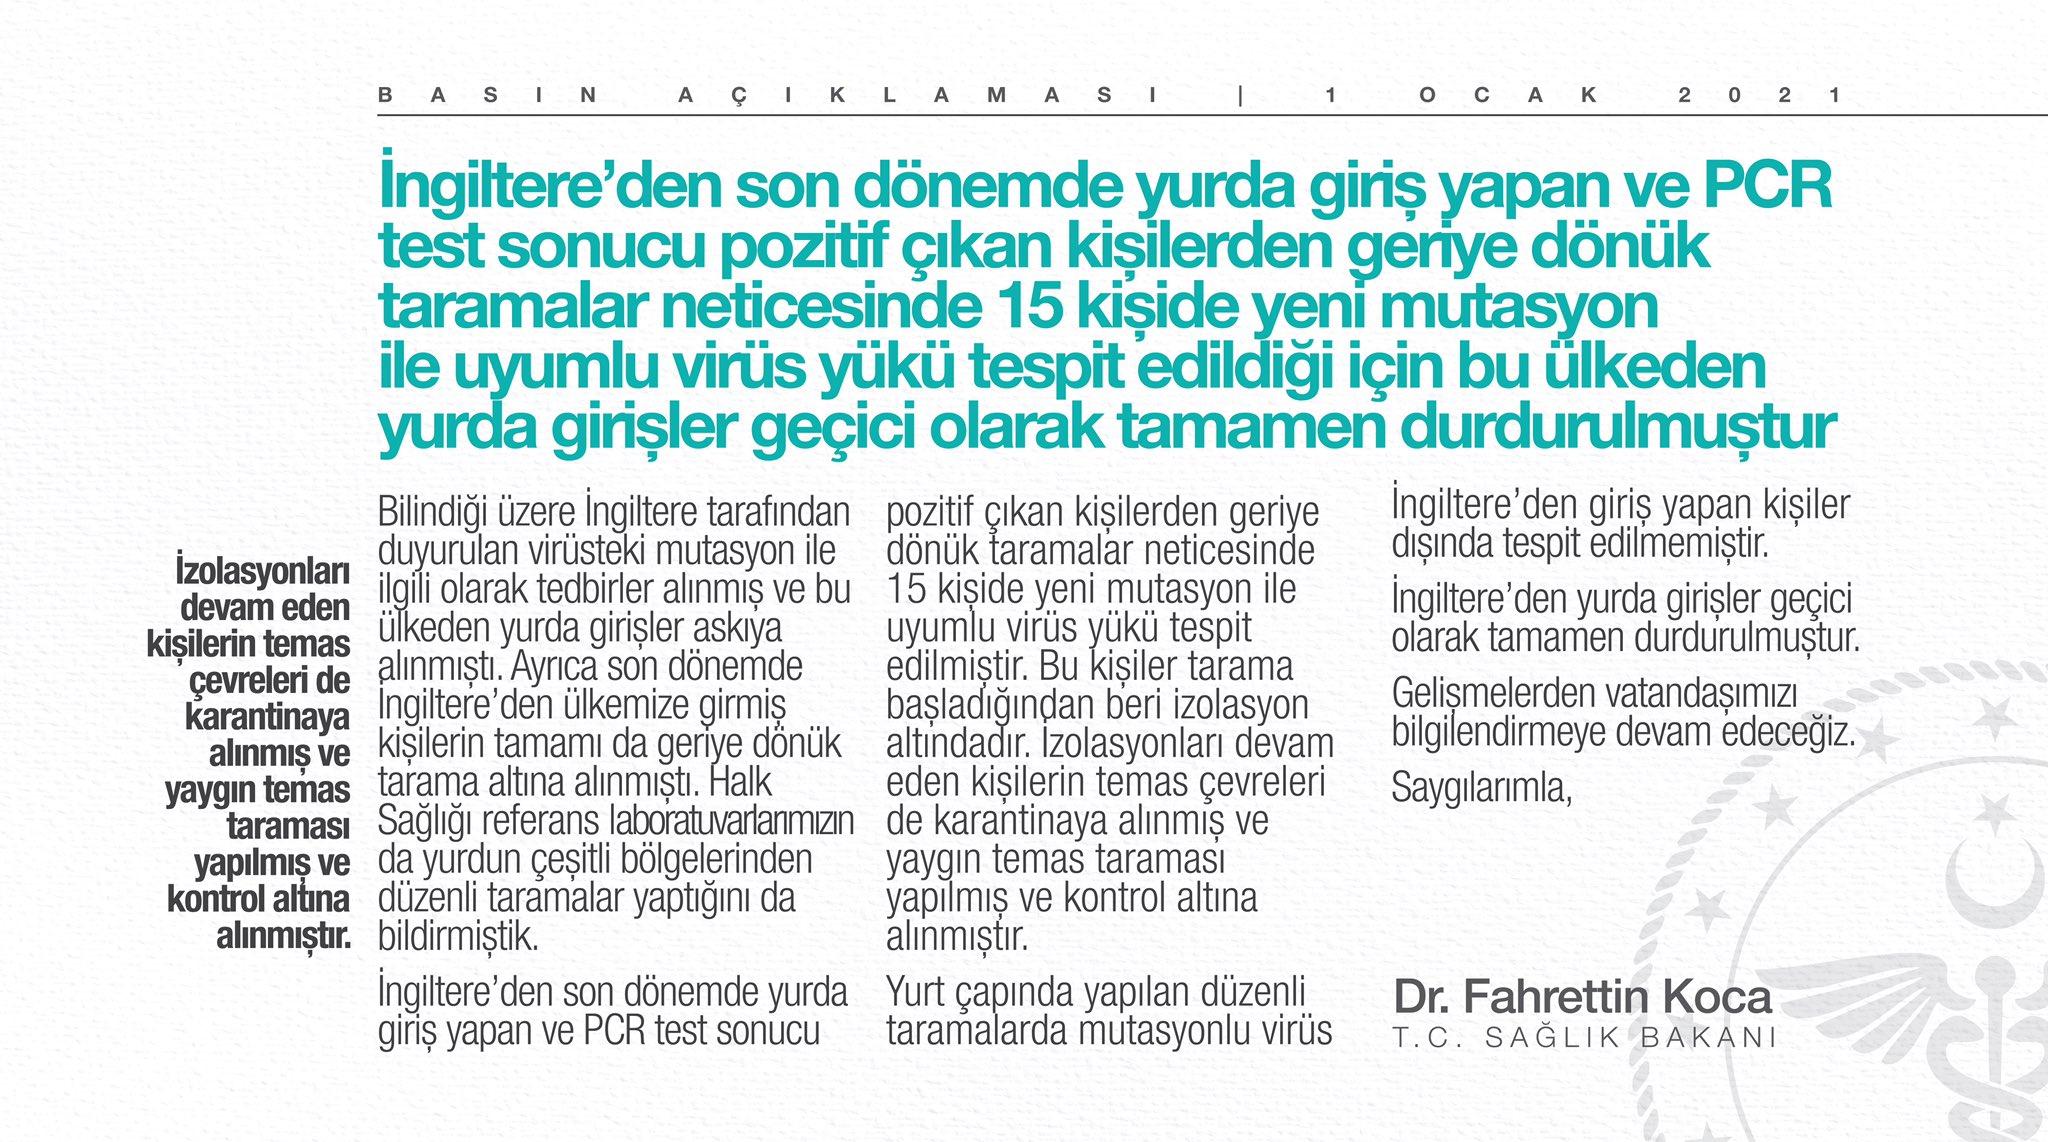 △土耳其卫生部长科贾的声明